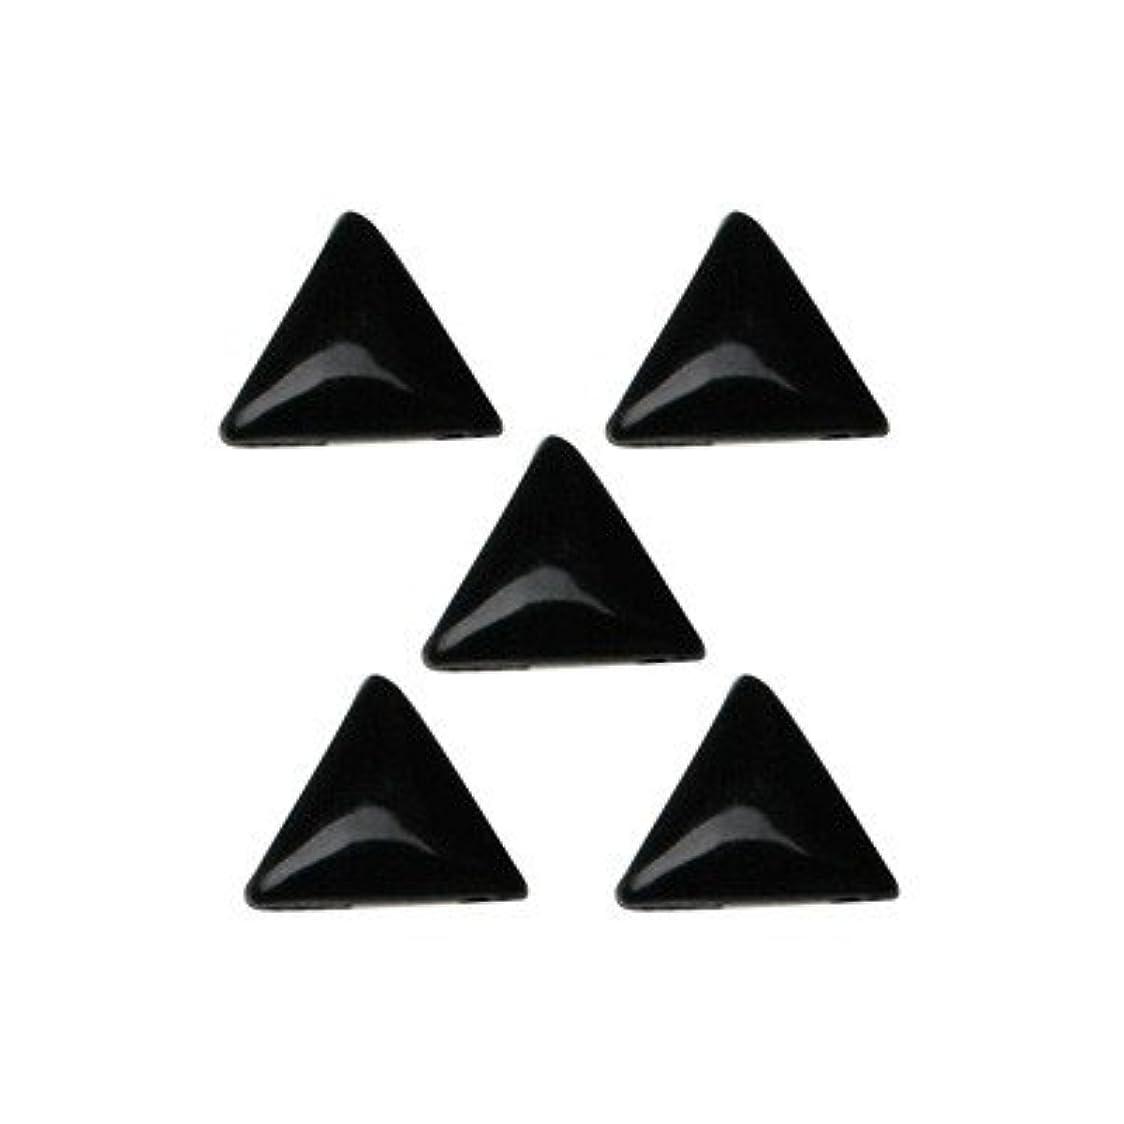 発送ほのかゆるくB151 エムプティ プレミアムスタッズ made in Japan/トライアングル 3×3mm